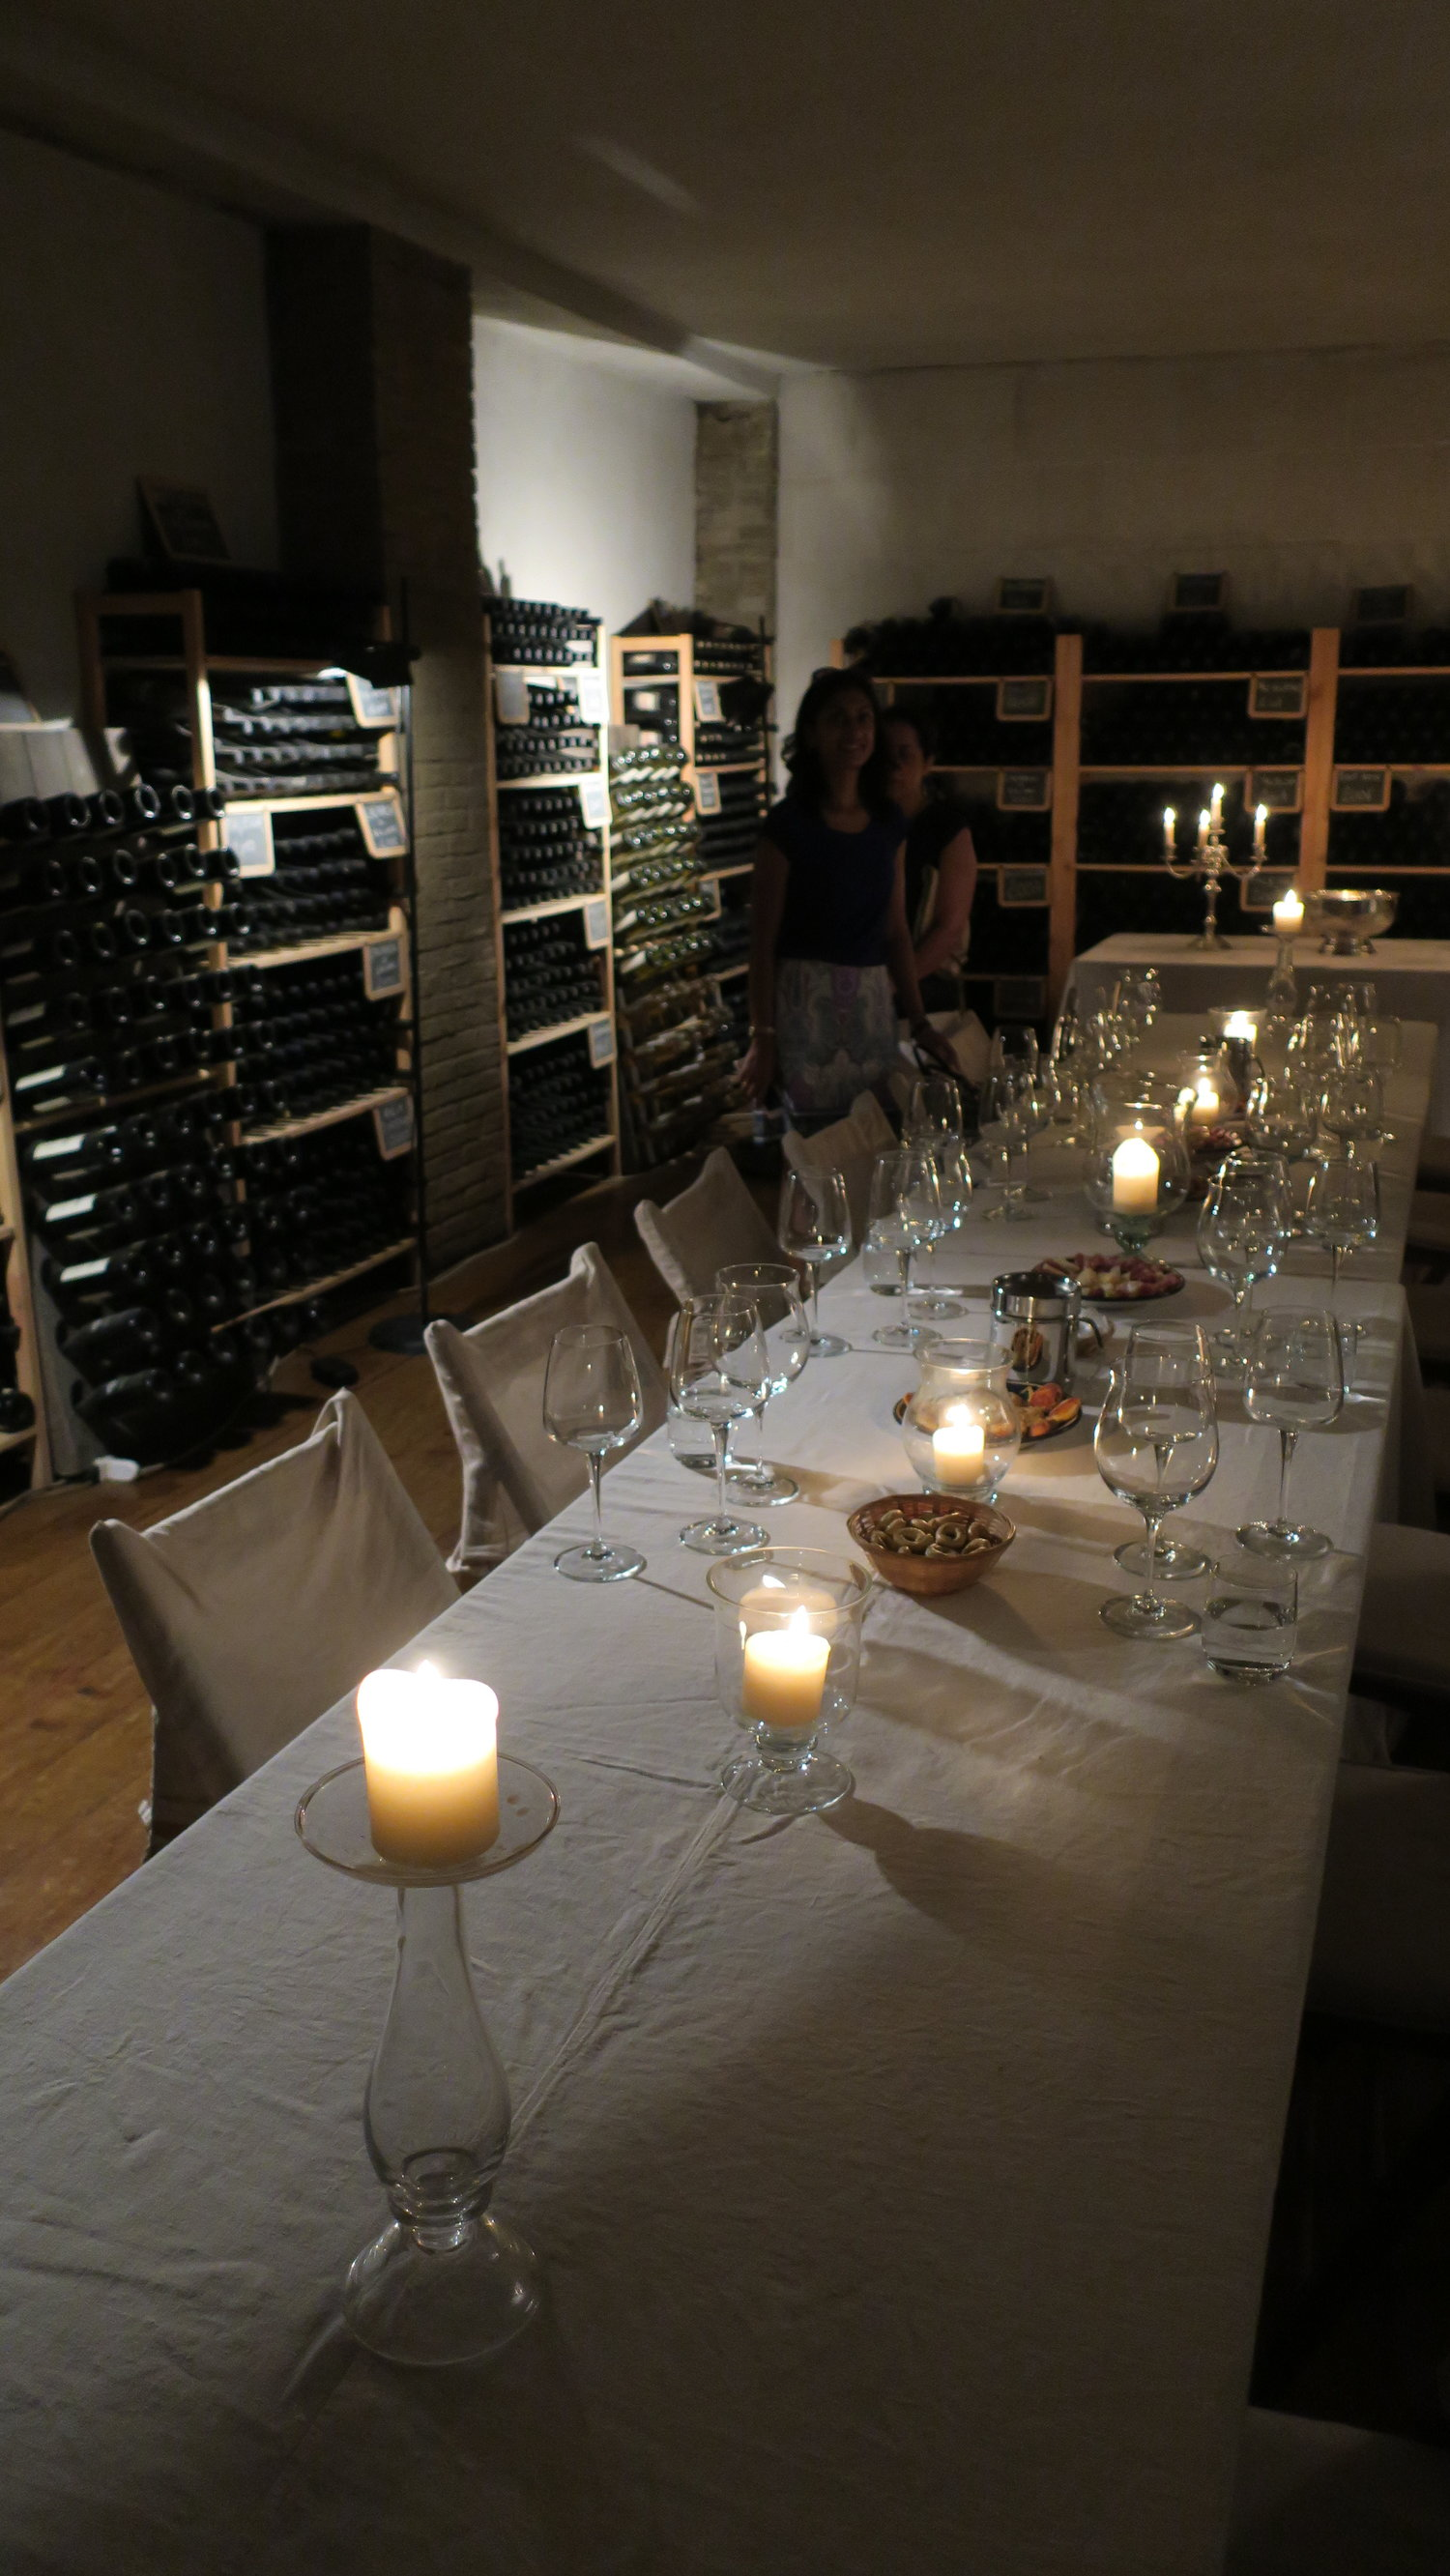 Tasting room at VIlla Tirrena (Photo credit: Sumilier)